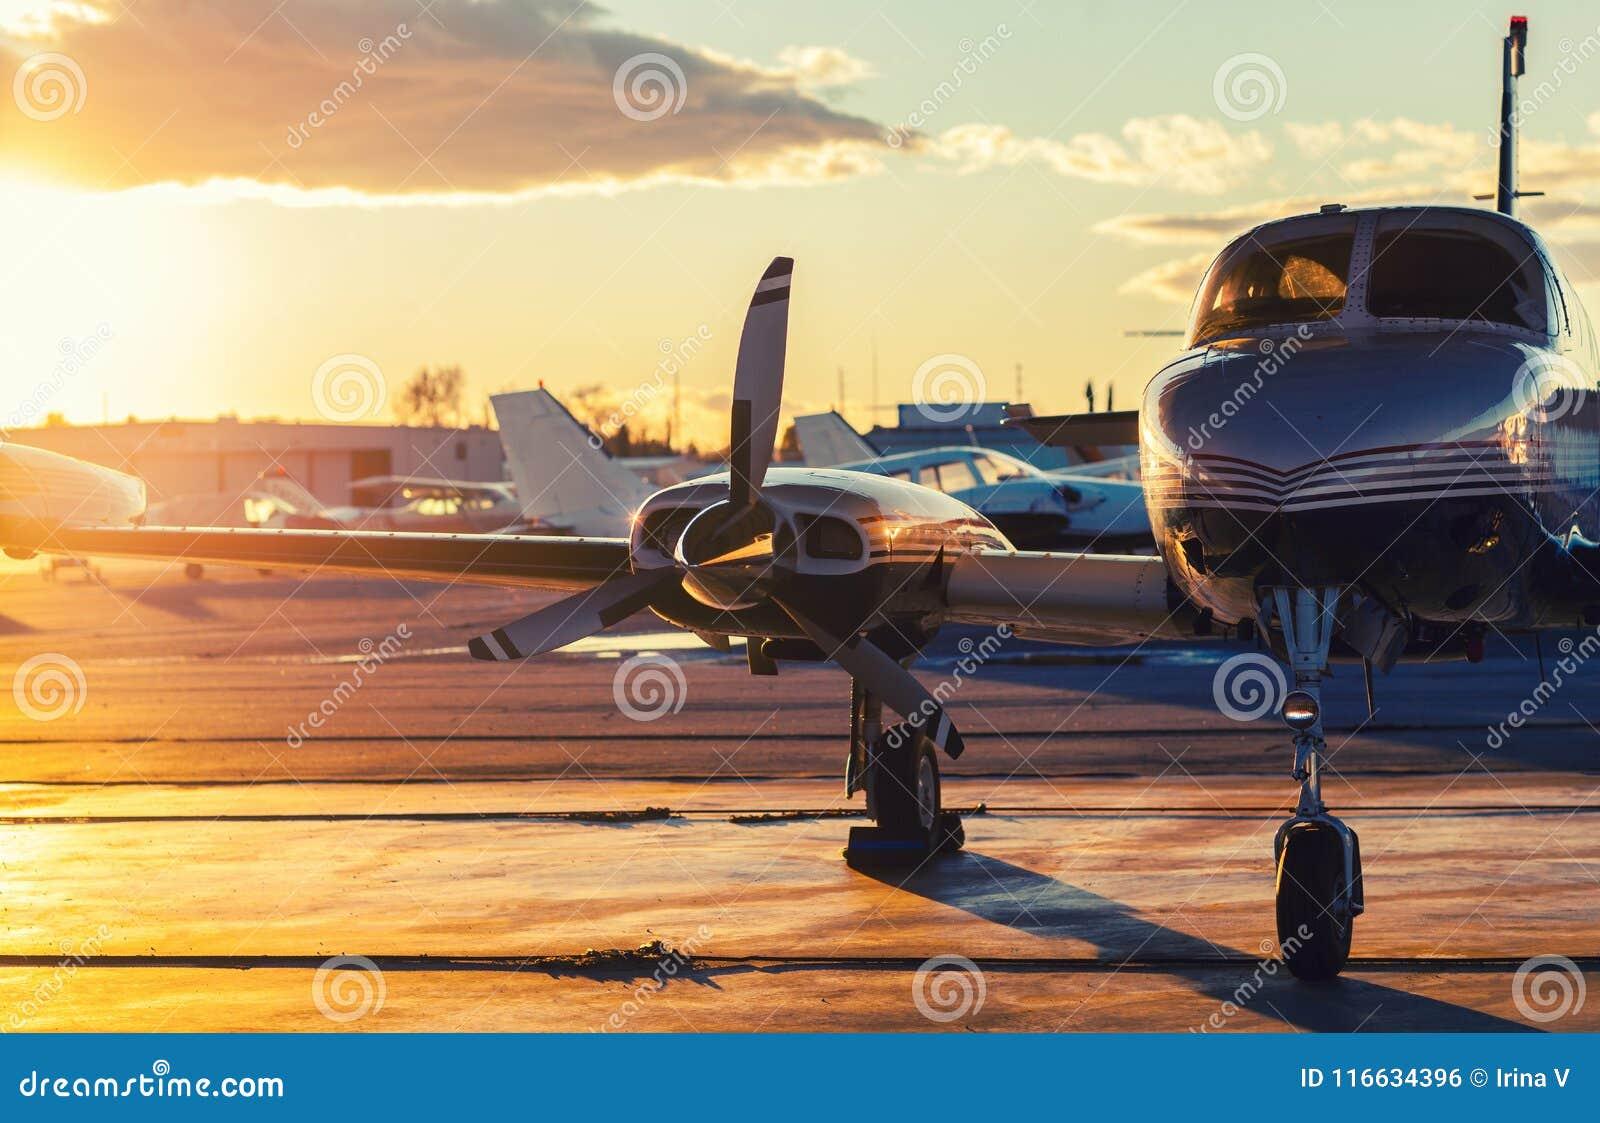 Kleine Luchtvaart: De privé Straal wordt geparkeerd op een Tarmac in Mooi